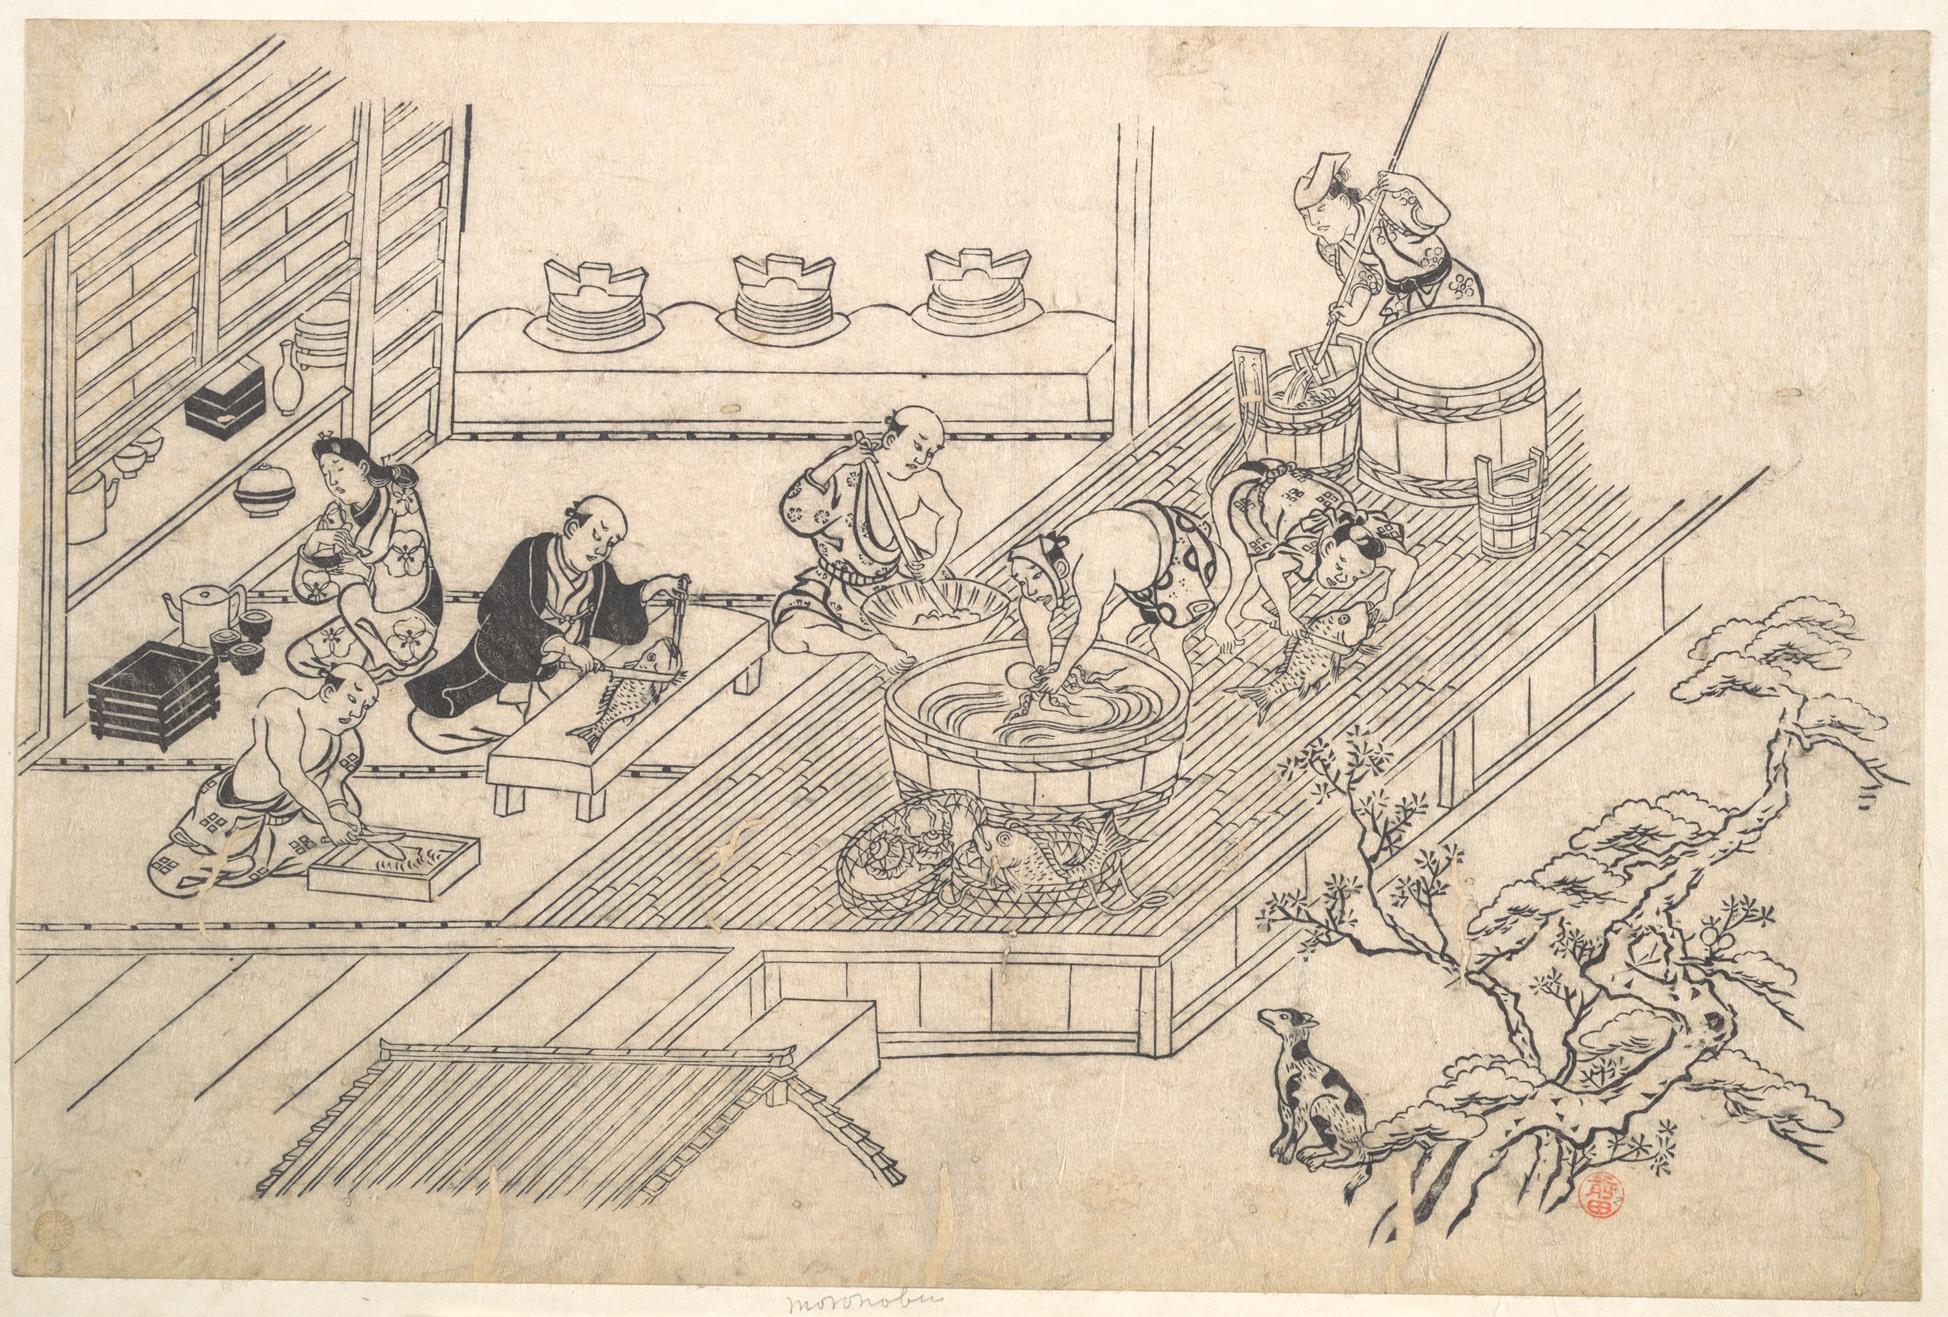 Hishikawa-Monorobu-hajimenoukiyoe